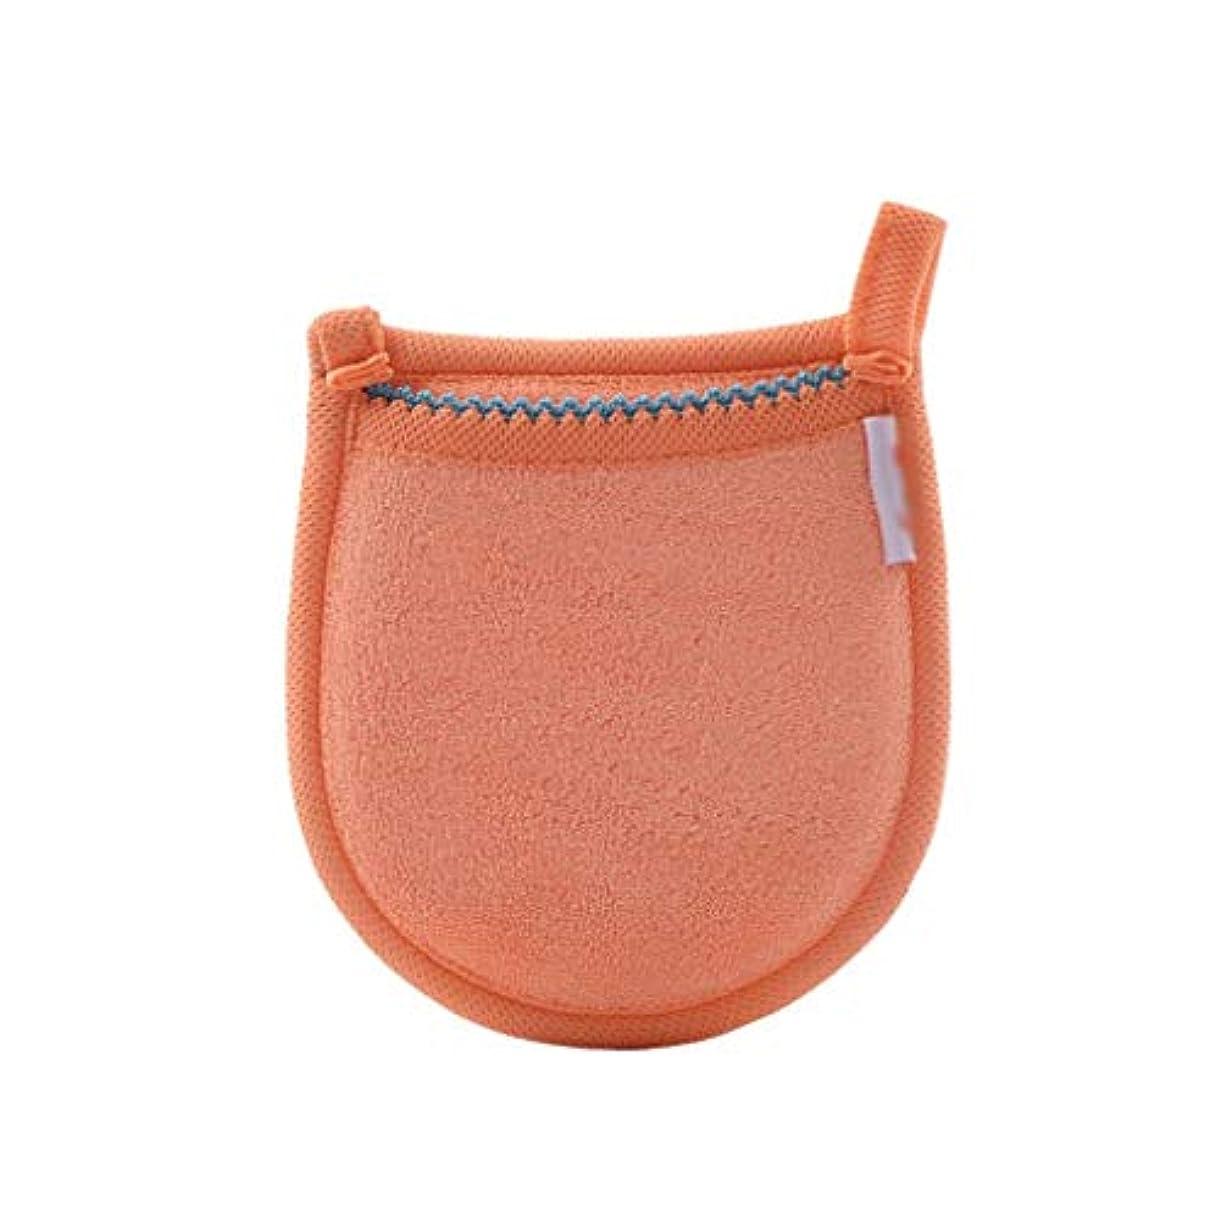 後有名経度1ピースフェイシャル竹炭スポンジフェイスメイク落とし美容再利用可能なフェイスタオルクリーニンググローブ洗濯メイクアップツール (Color : Orange)